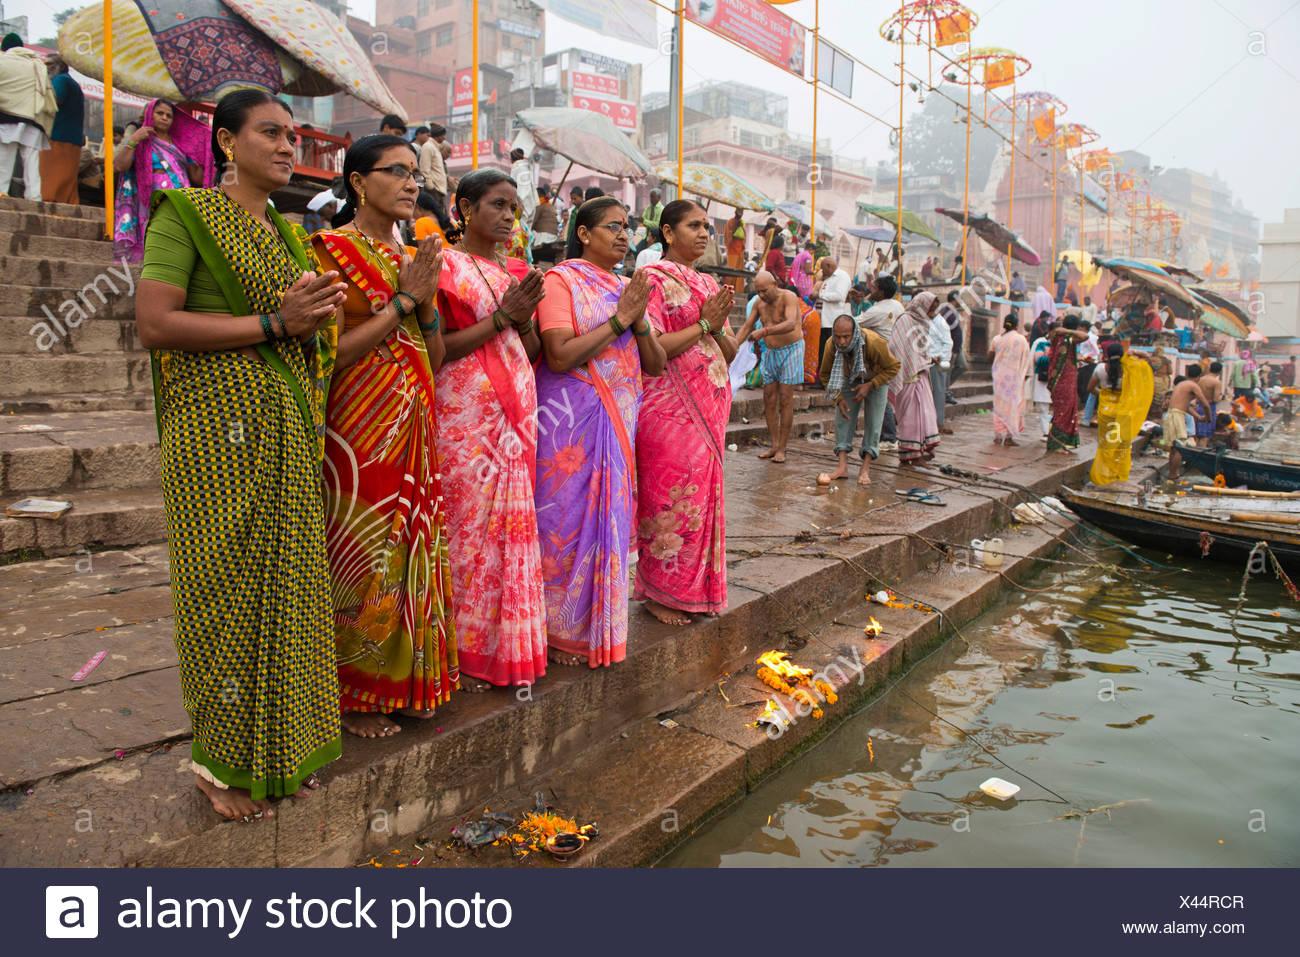 Cinco mujeres en saris coloridos en la oración, a orillas del río Ganges, Varanasi, Uttar Pradesh, India Imagen De Stock